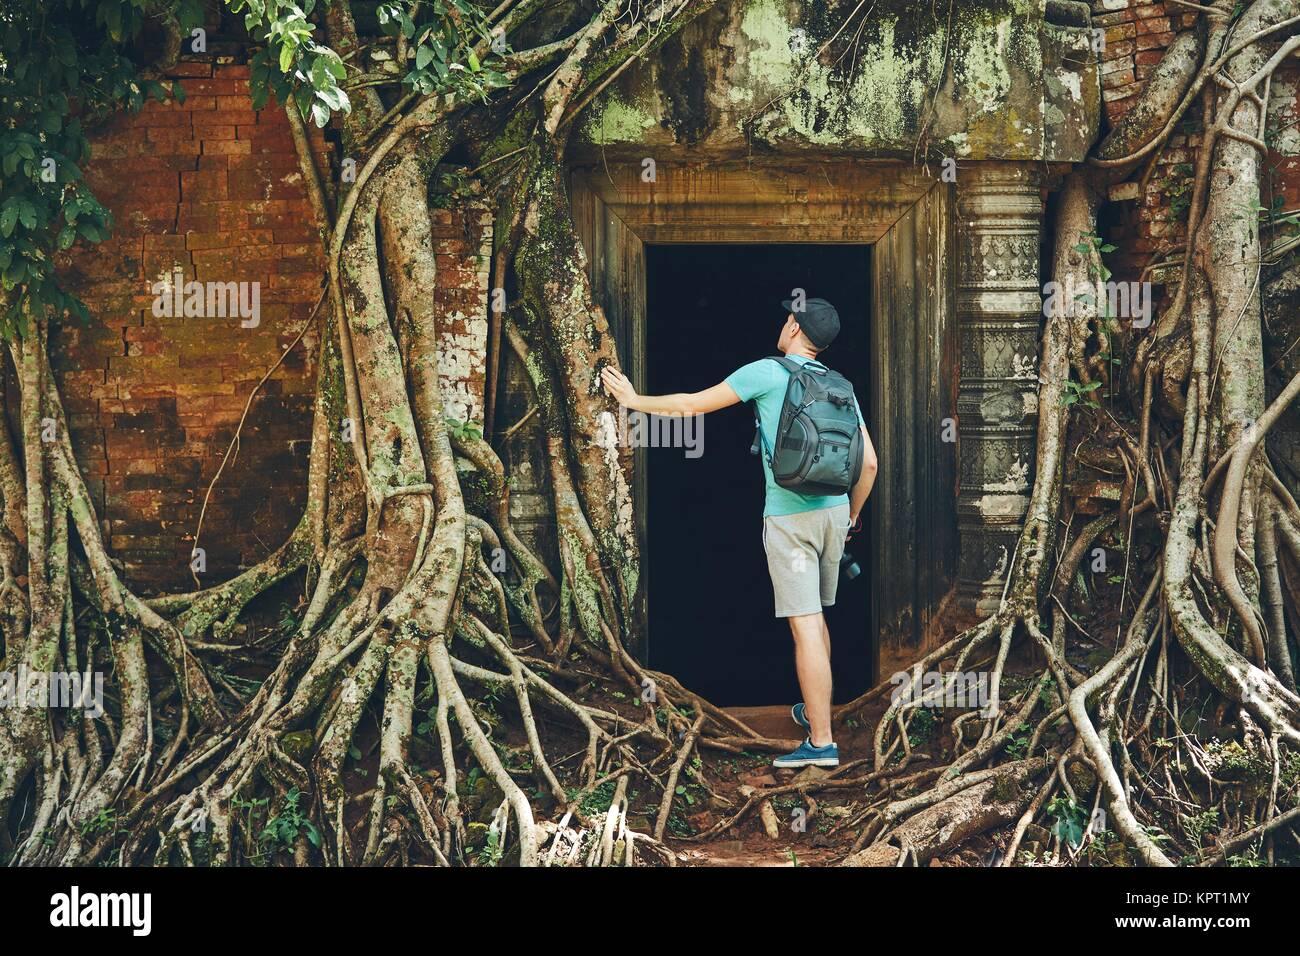 Giovane uomo con zaino provenienti da antichi monumenti sotto il gigante radici dell'albero vicino a Siem Reap Immagini Stock